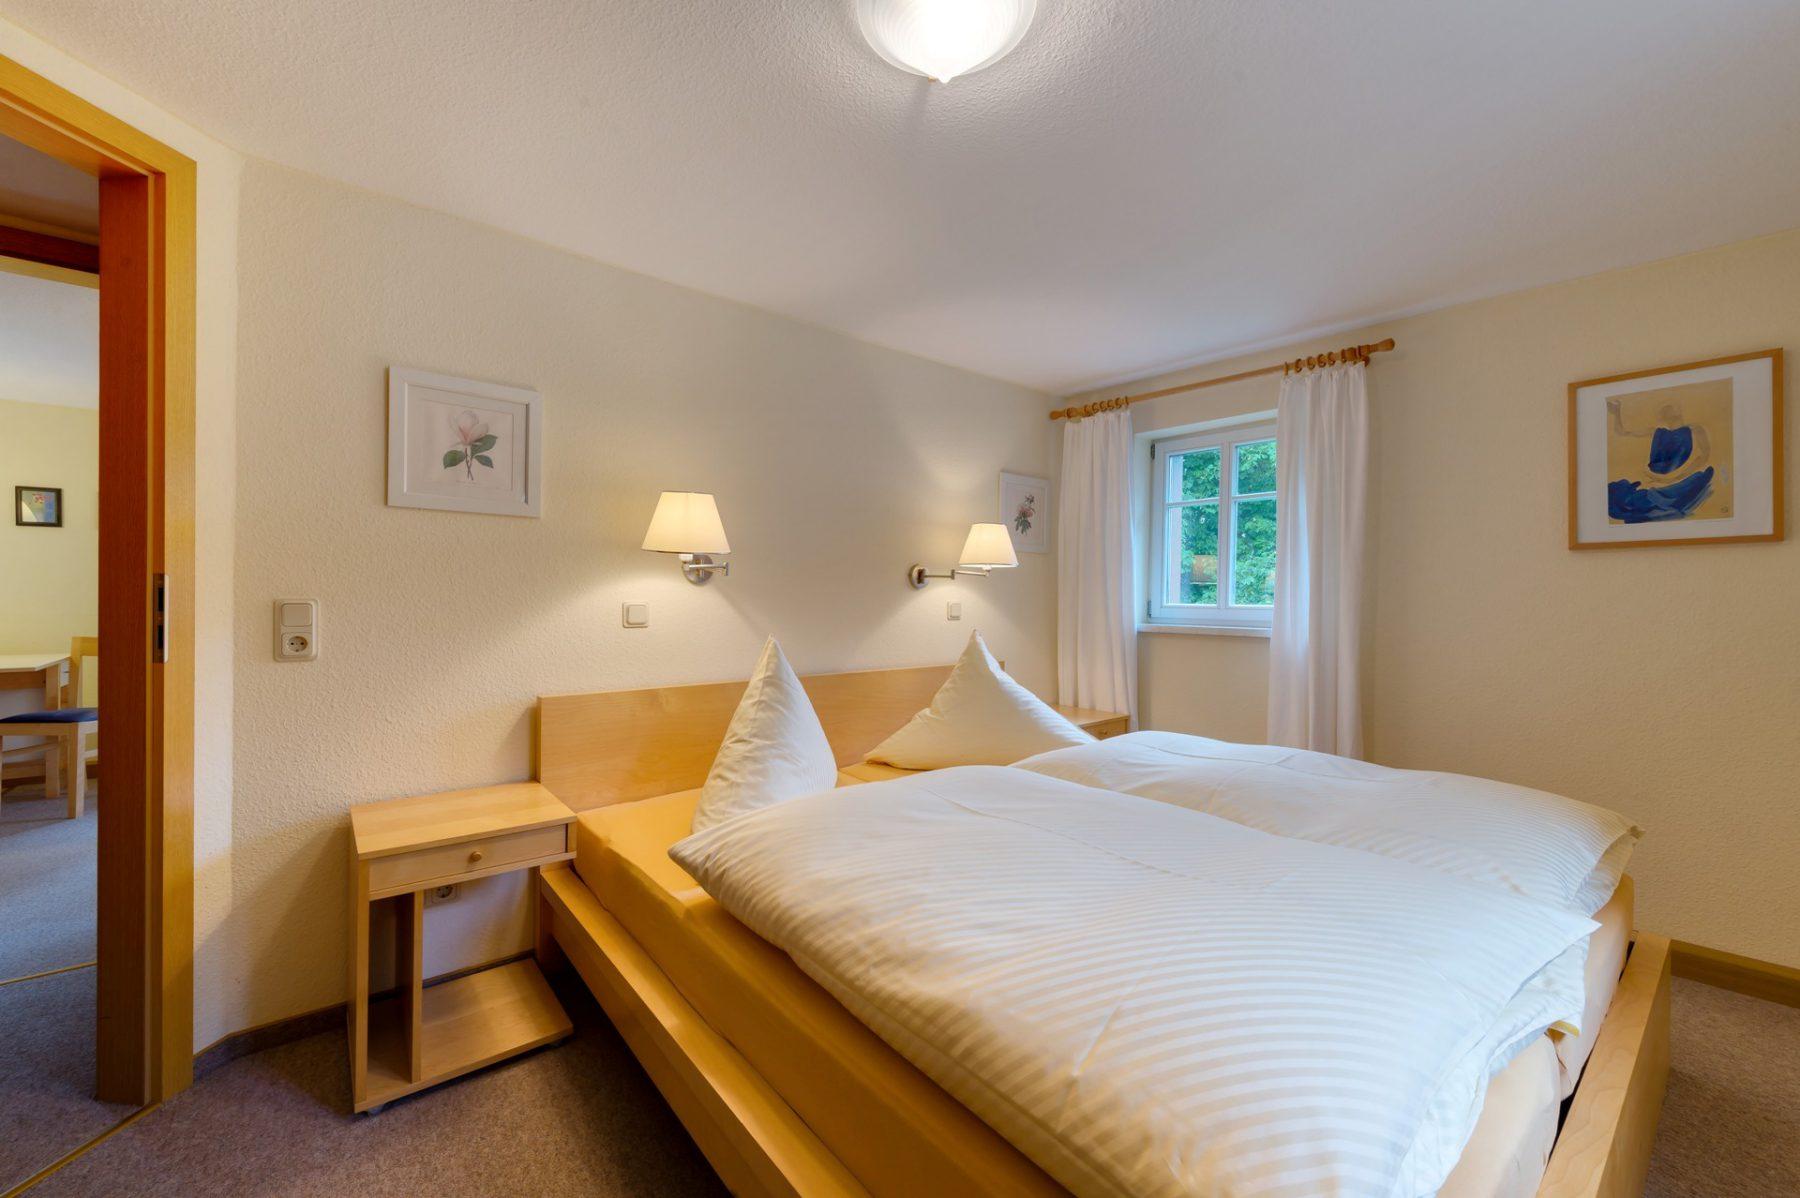 Ferienwohnung im Verlegerhaus Seiffen Kategorie N1d Detail Schlafzimmer